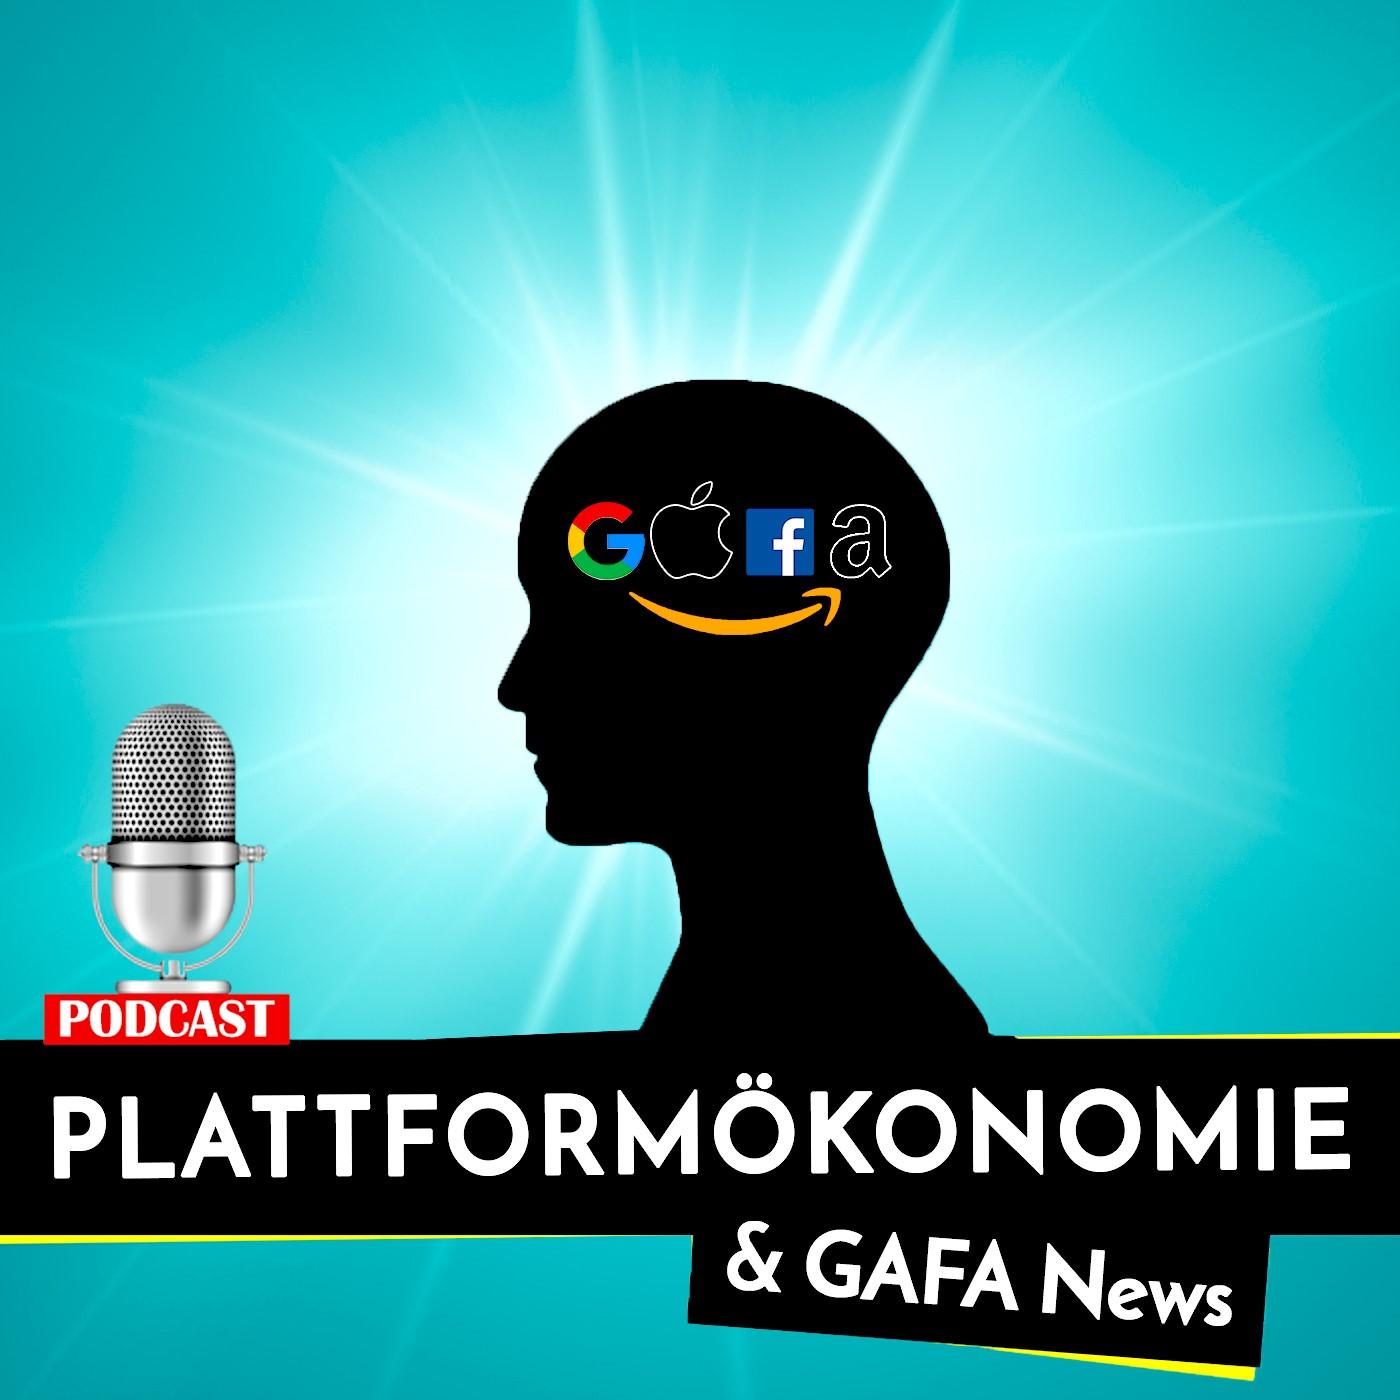 Wöchentliche News für Startups und Unternehmer | Digitale News | Insider Podcast